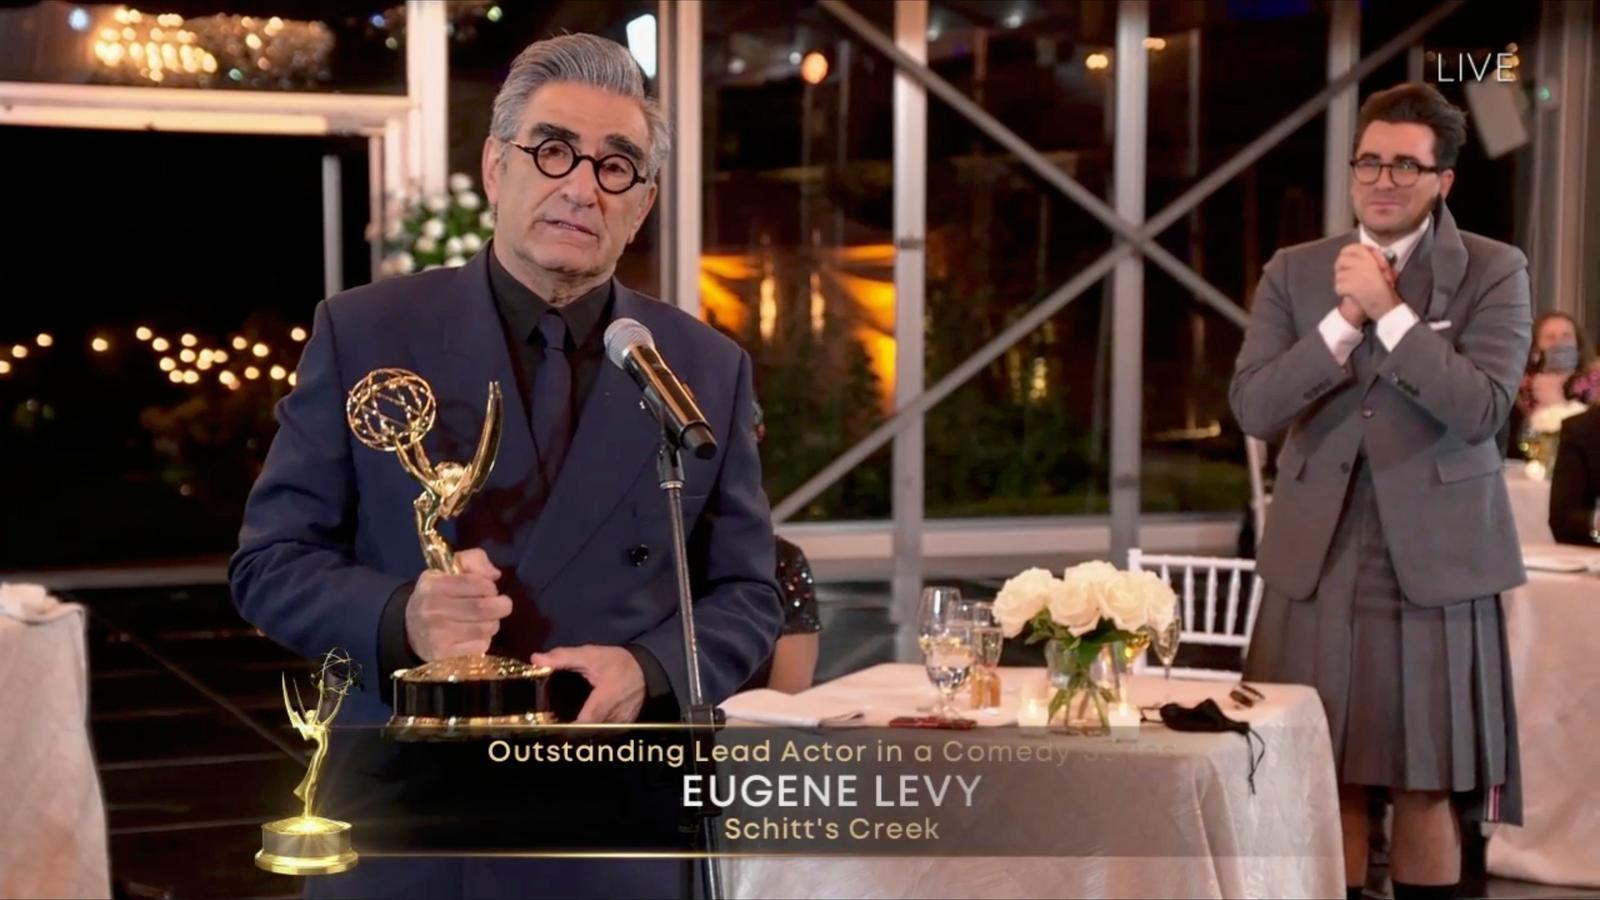 Eugene Levy, rebent l'Emmy al millor actor de comèdia, en presència del seu fill, co-creador de 'Schitt's creek'